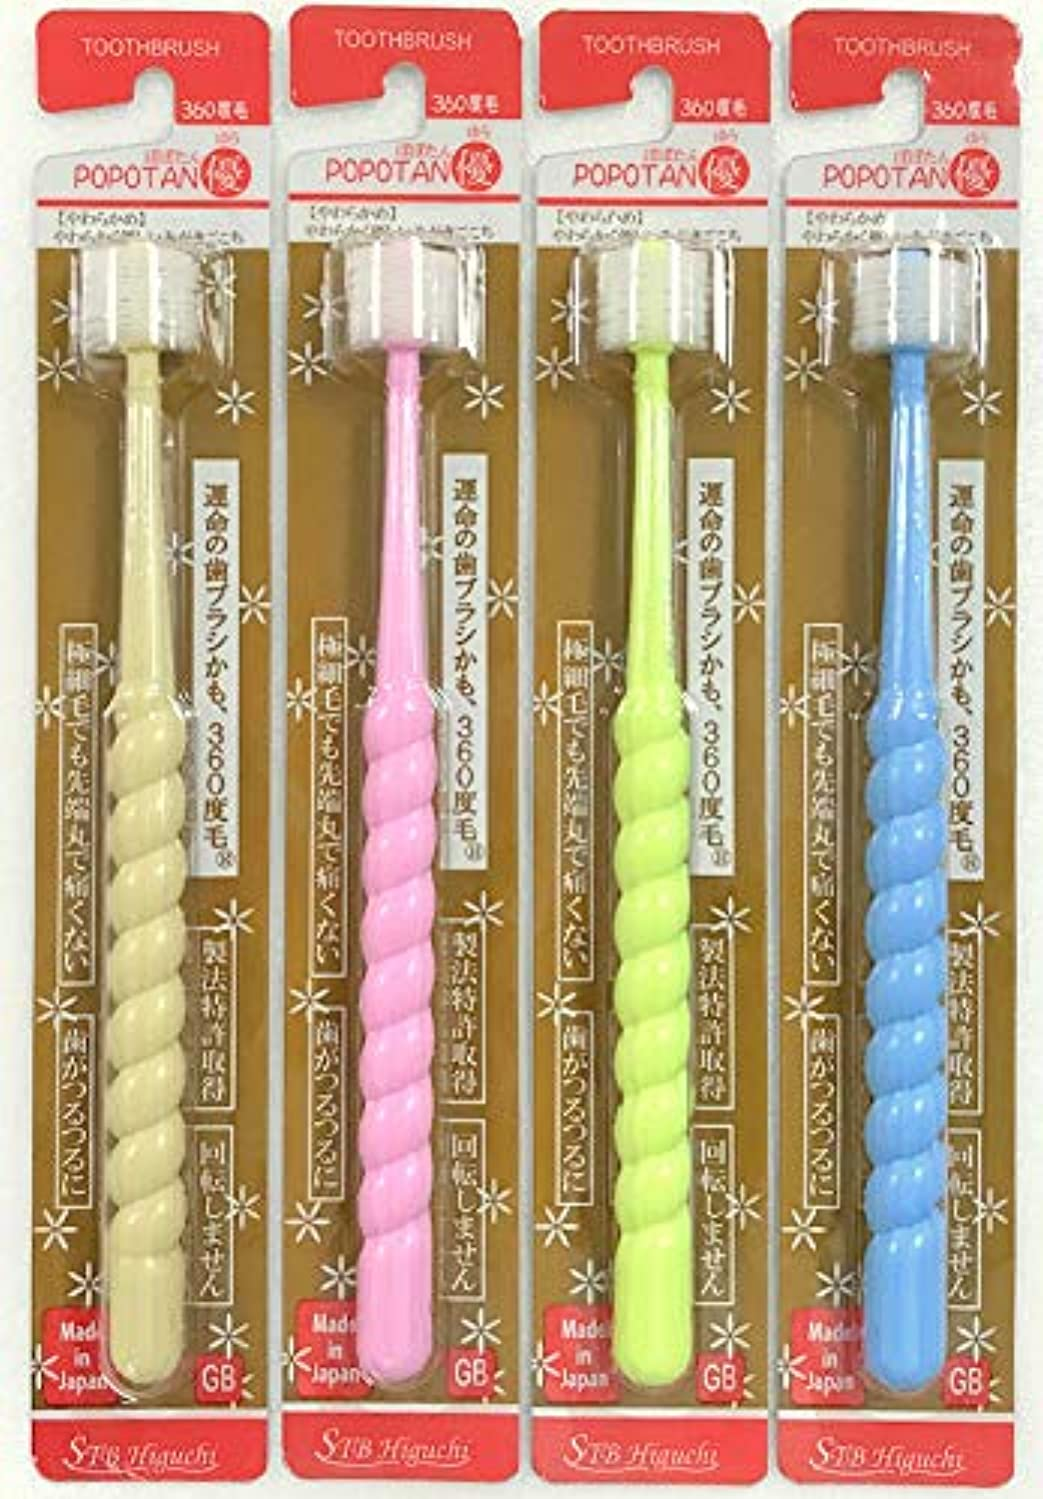 放射能嵐棚360度歯ブラシ 360do度毛歯ブラシ POPOTAN ぽぽたん 優(カラーは1色おまかせ)